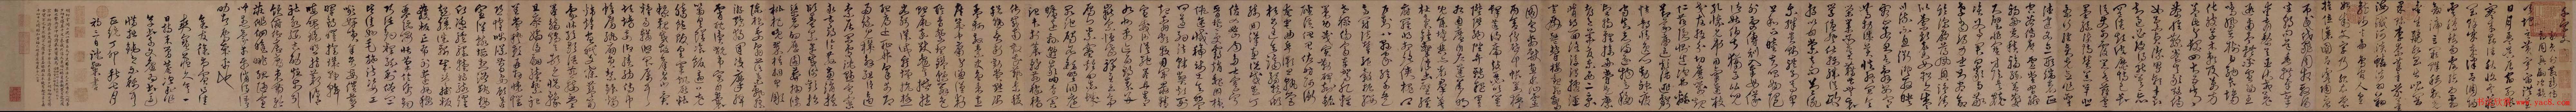 沈粲草书作品欣赏《千字文》卷